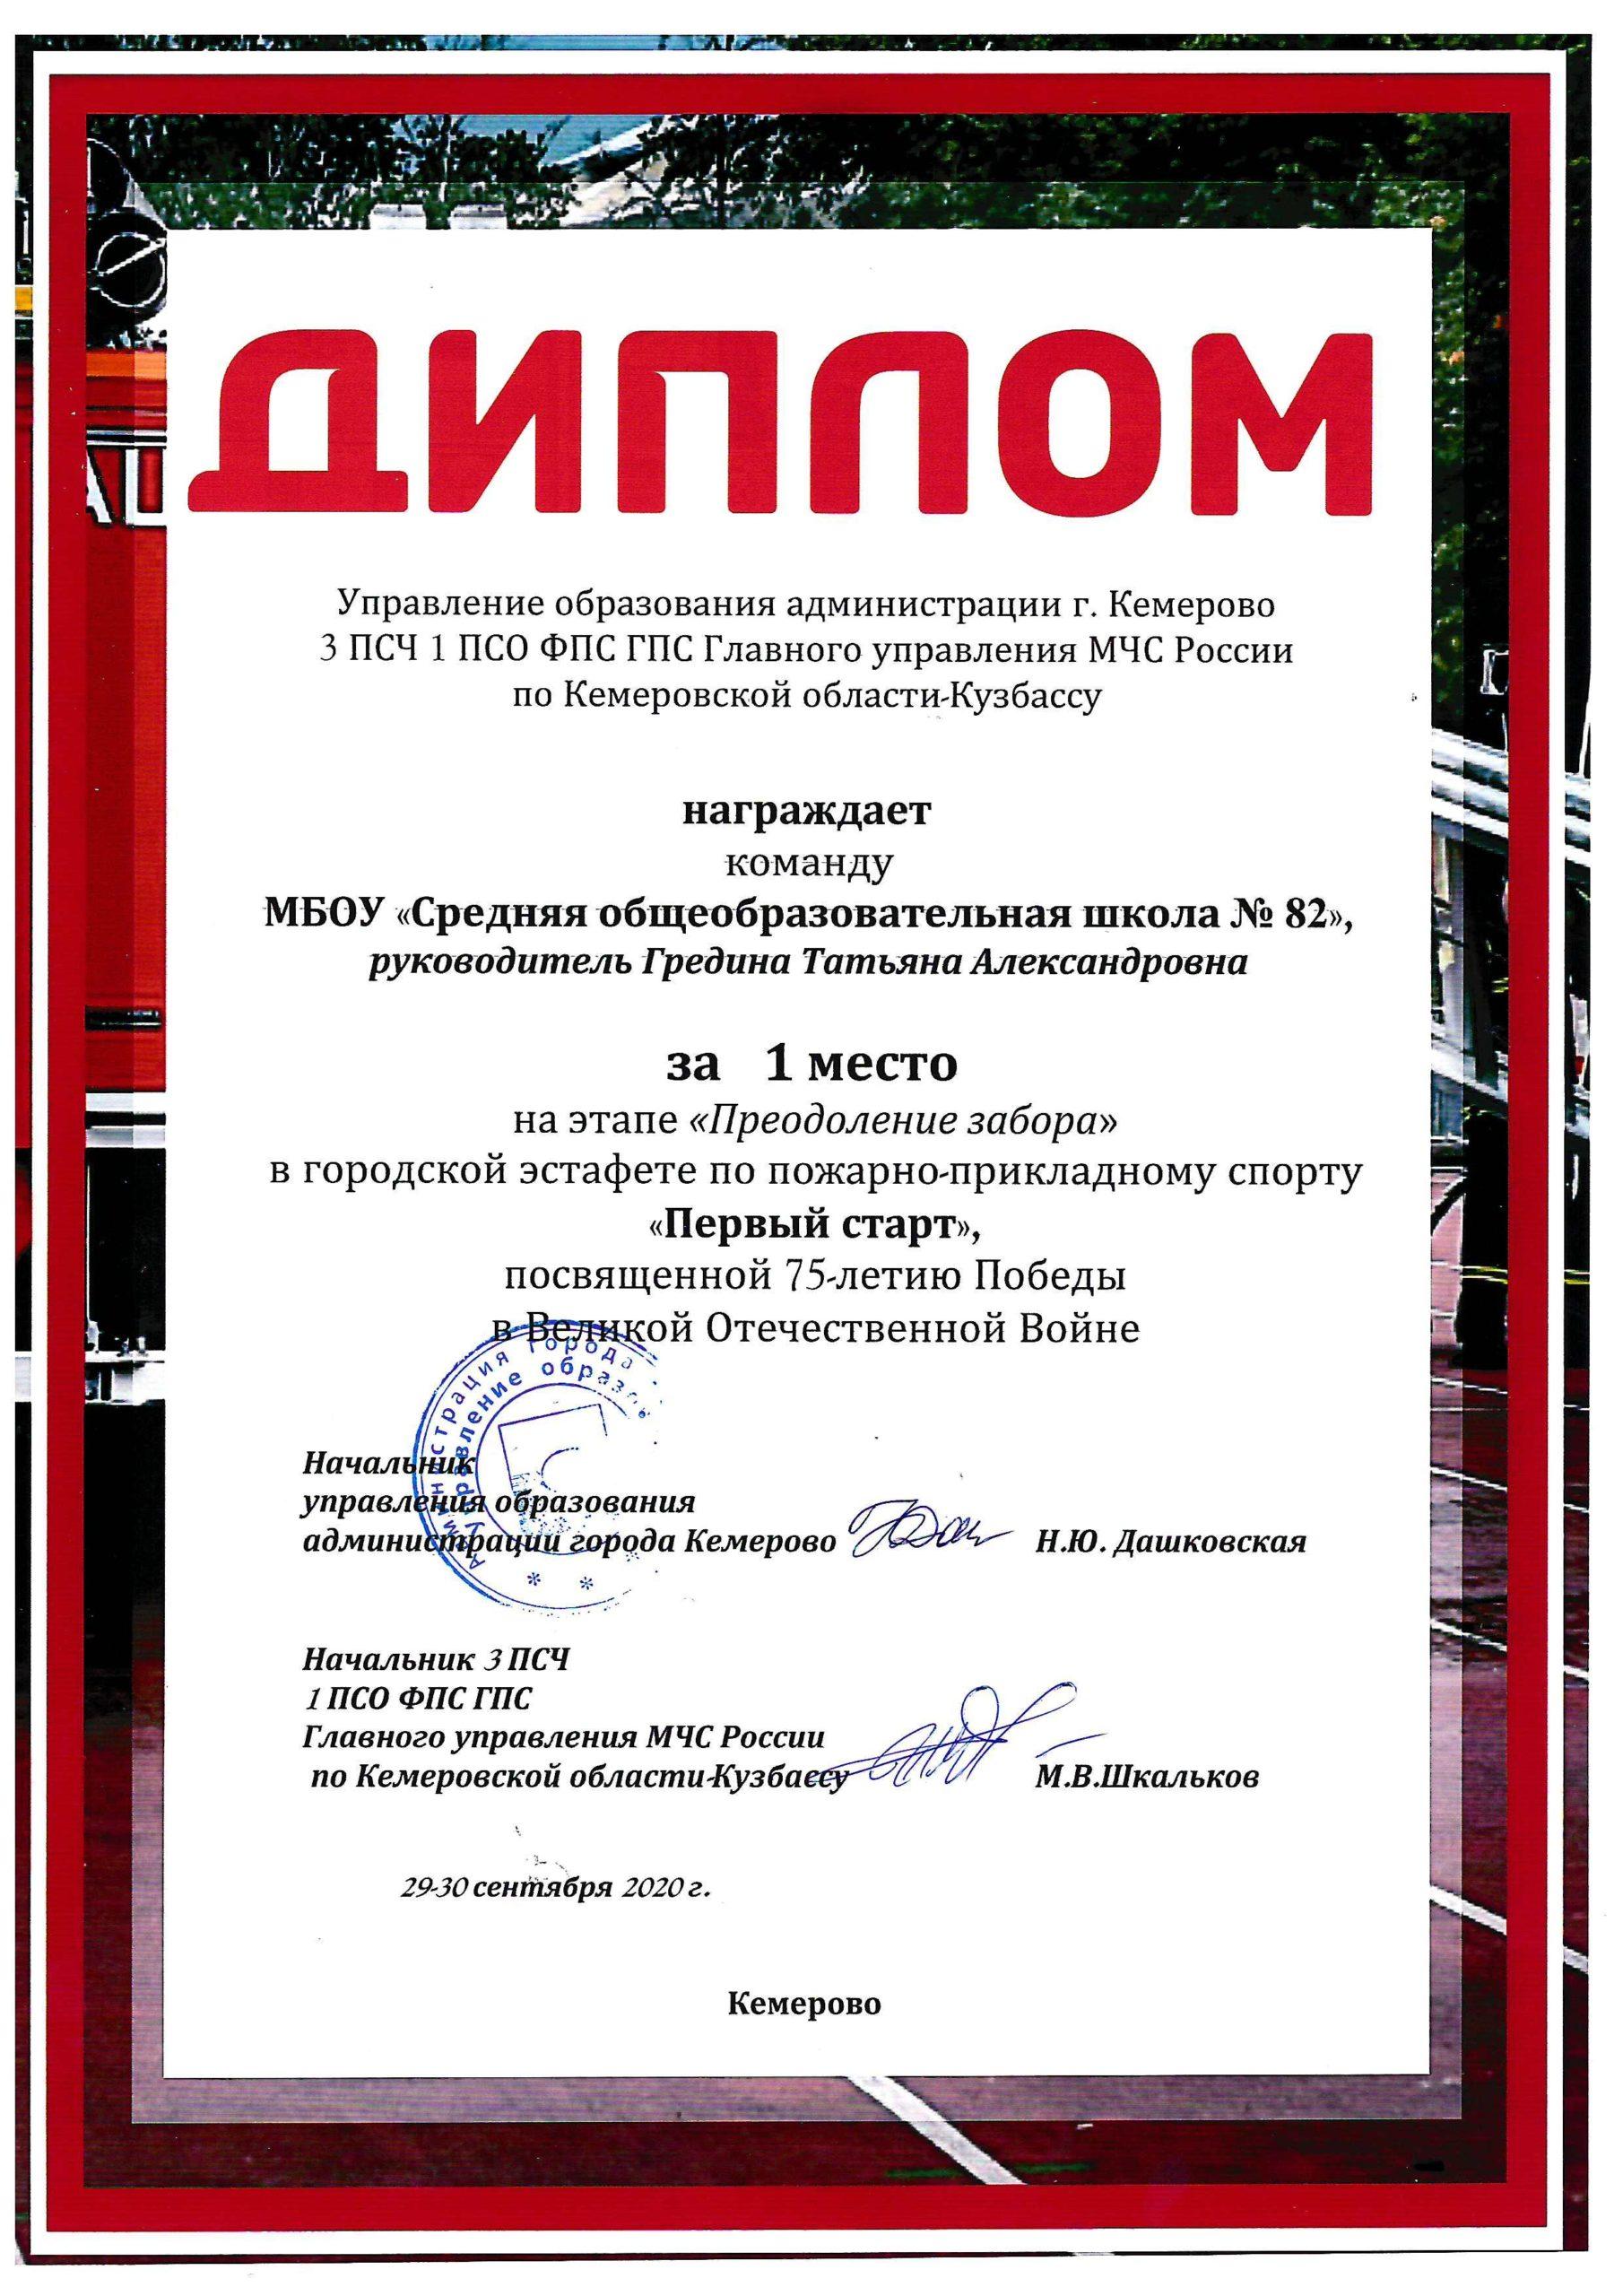 Дипломы ППС — 0018